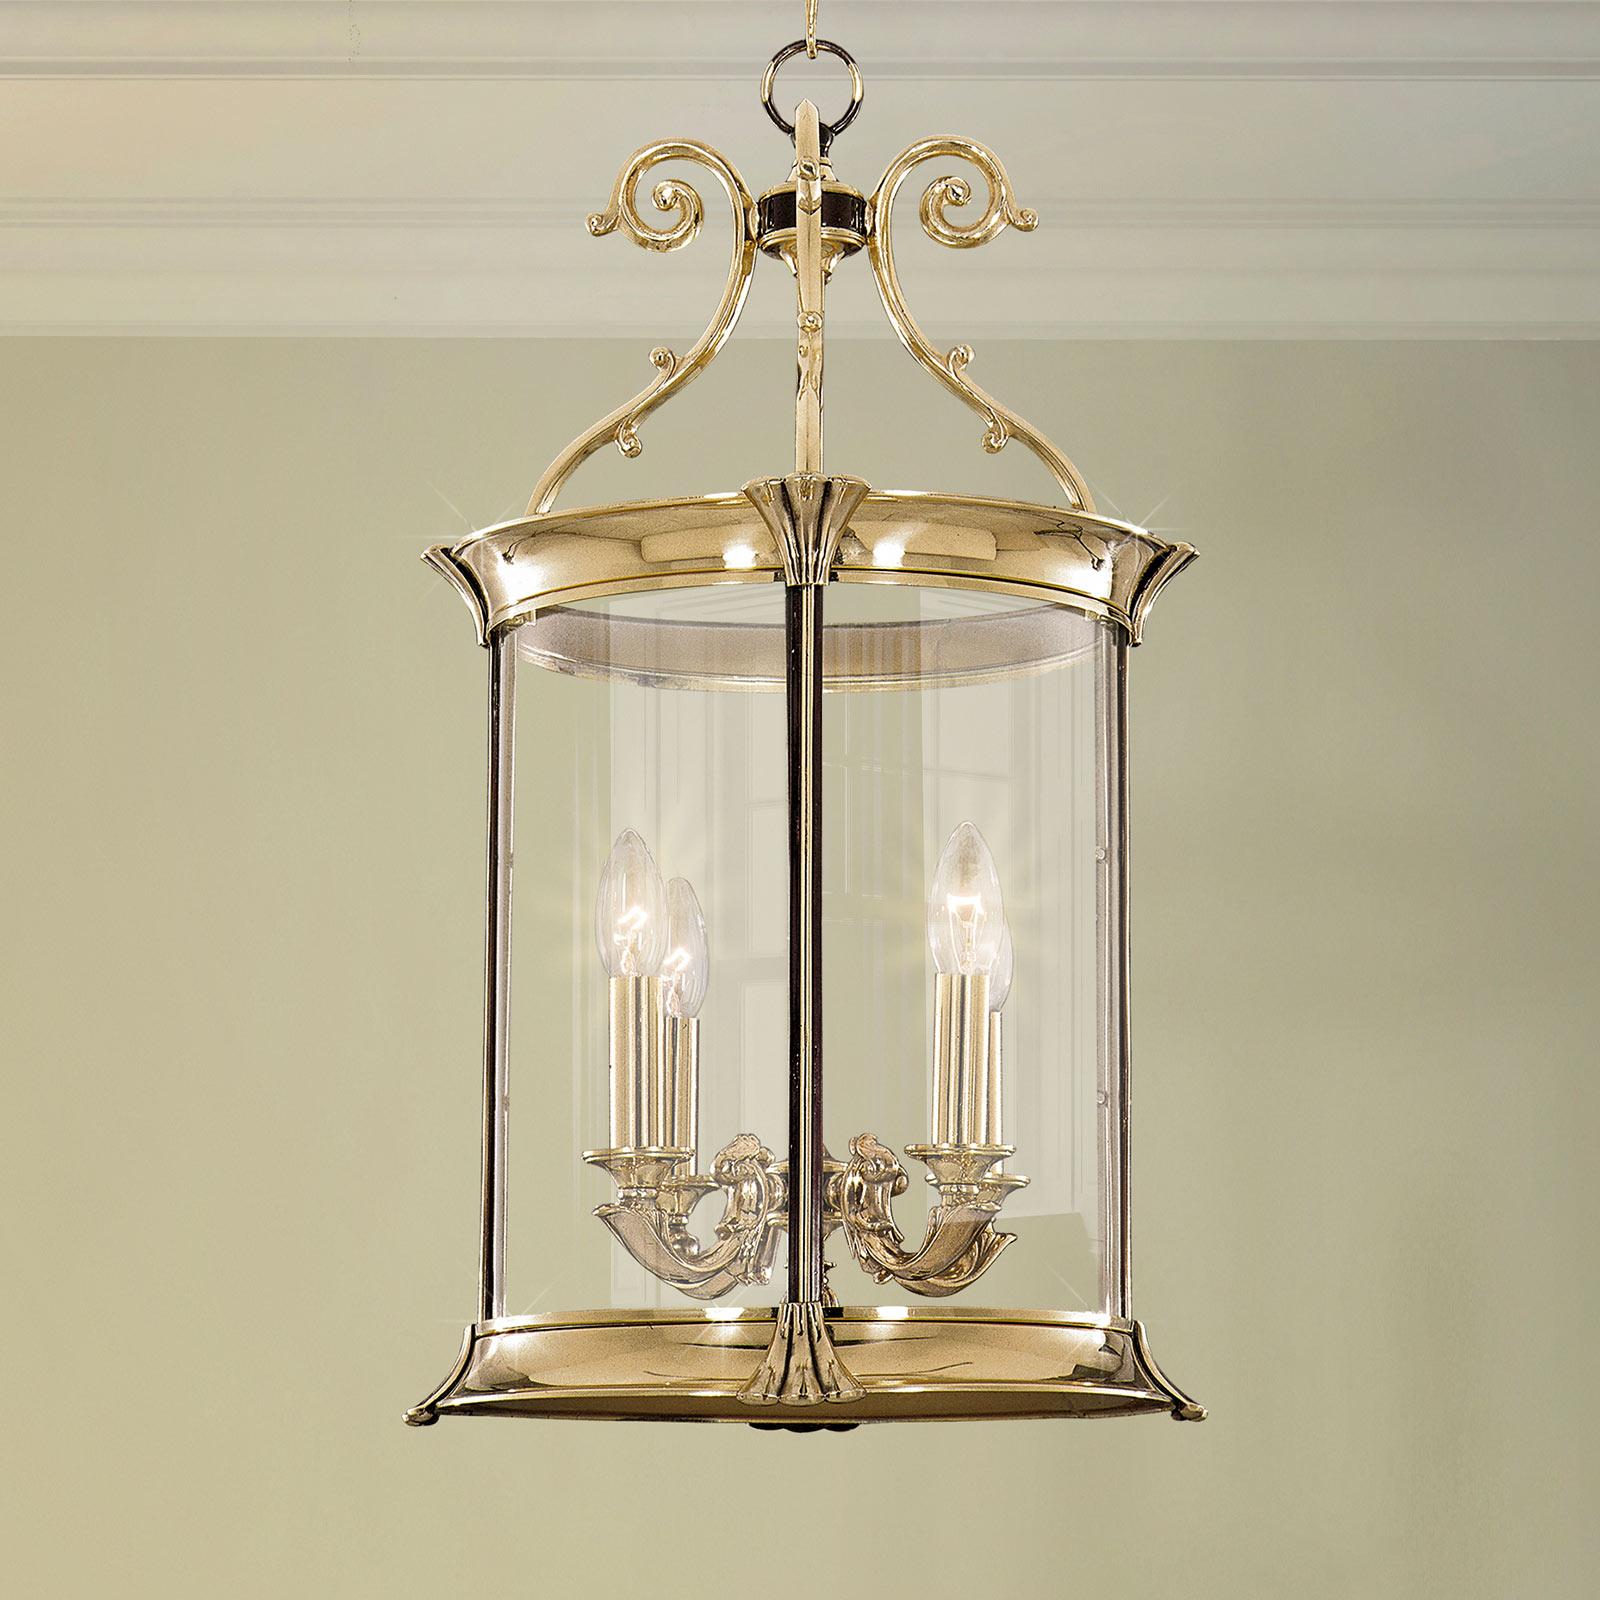 Pavel hængelampe, 4 lyskilder, blankt guld